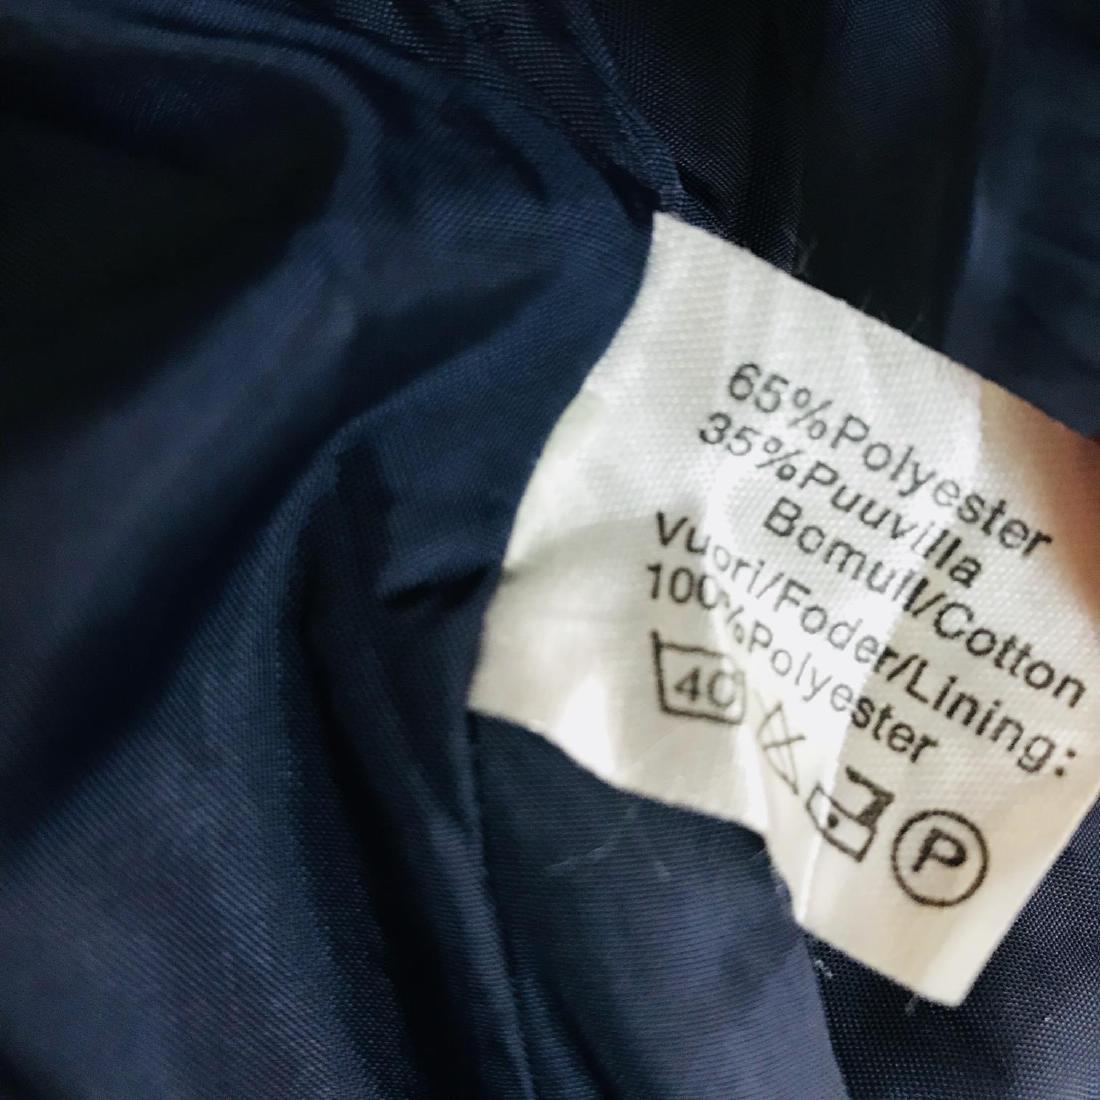 Vintage Men's Navy Blue Trench Coat Size US 42 / EUR 52 - 7